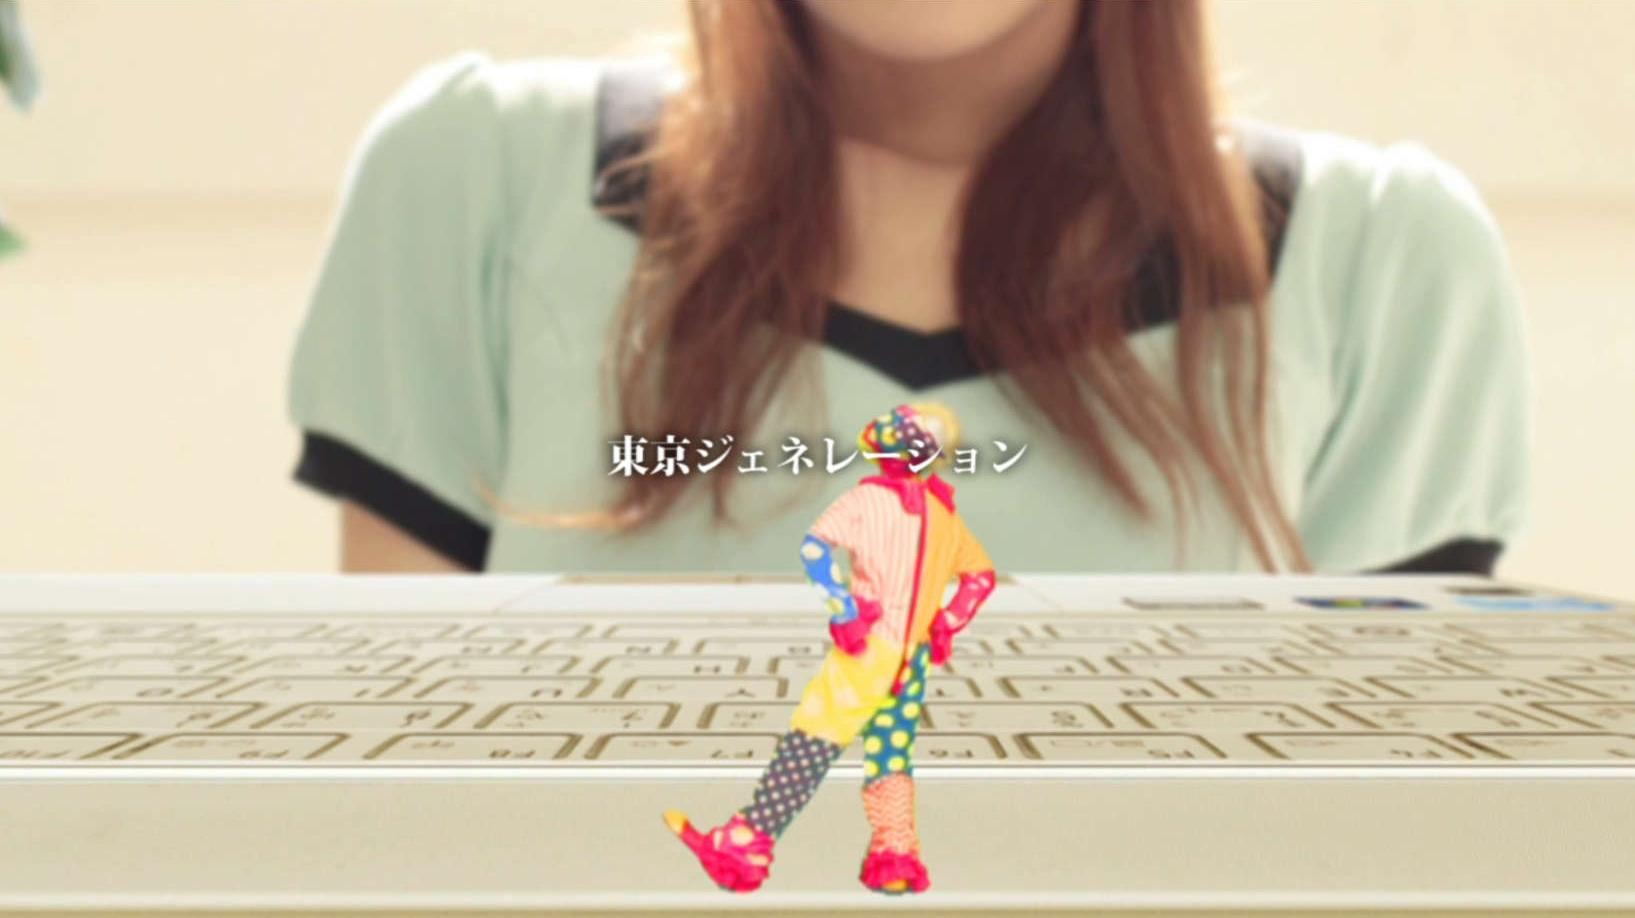 """池袋404の新曲は、恋も仕事も頑張る人への""""サプリソング""""サムネイル画像"""